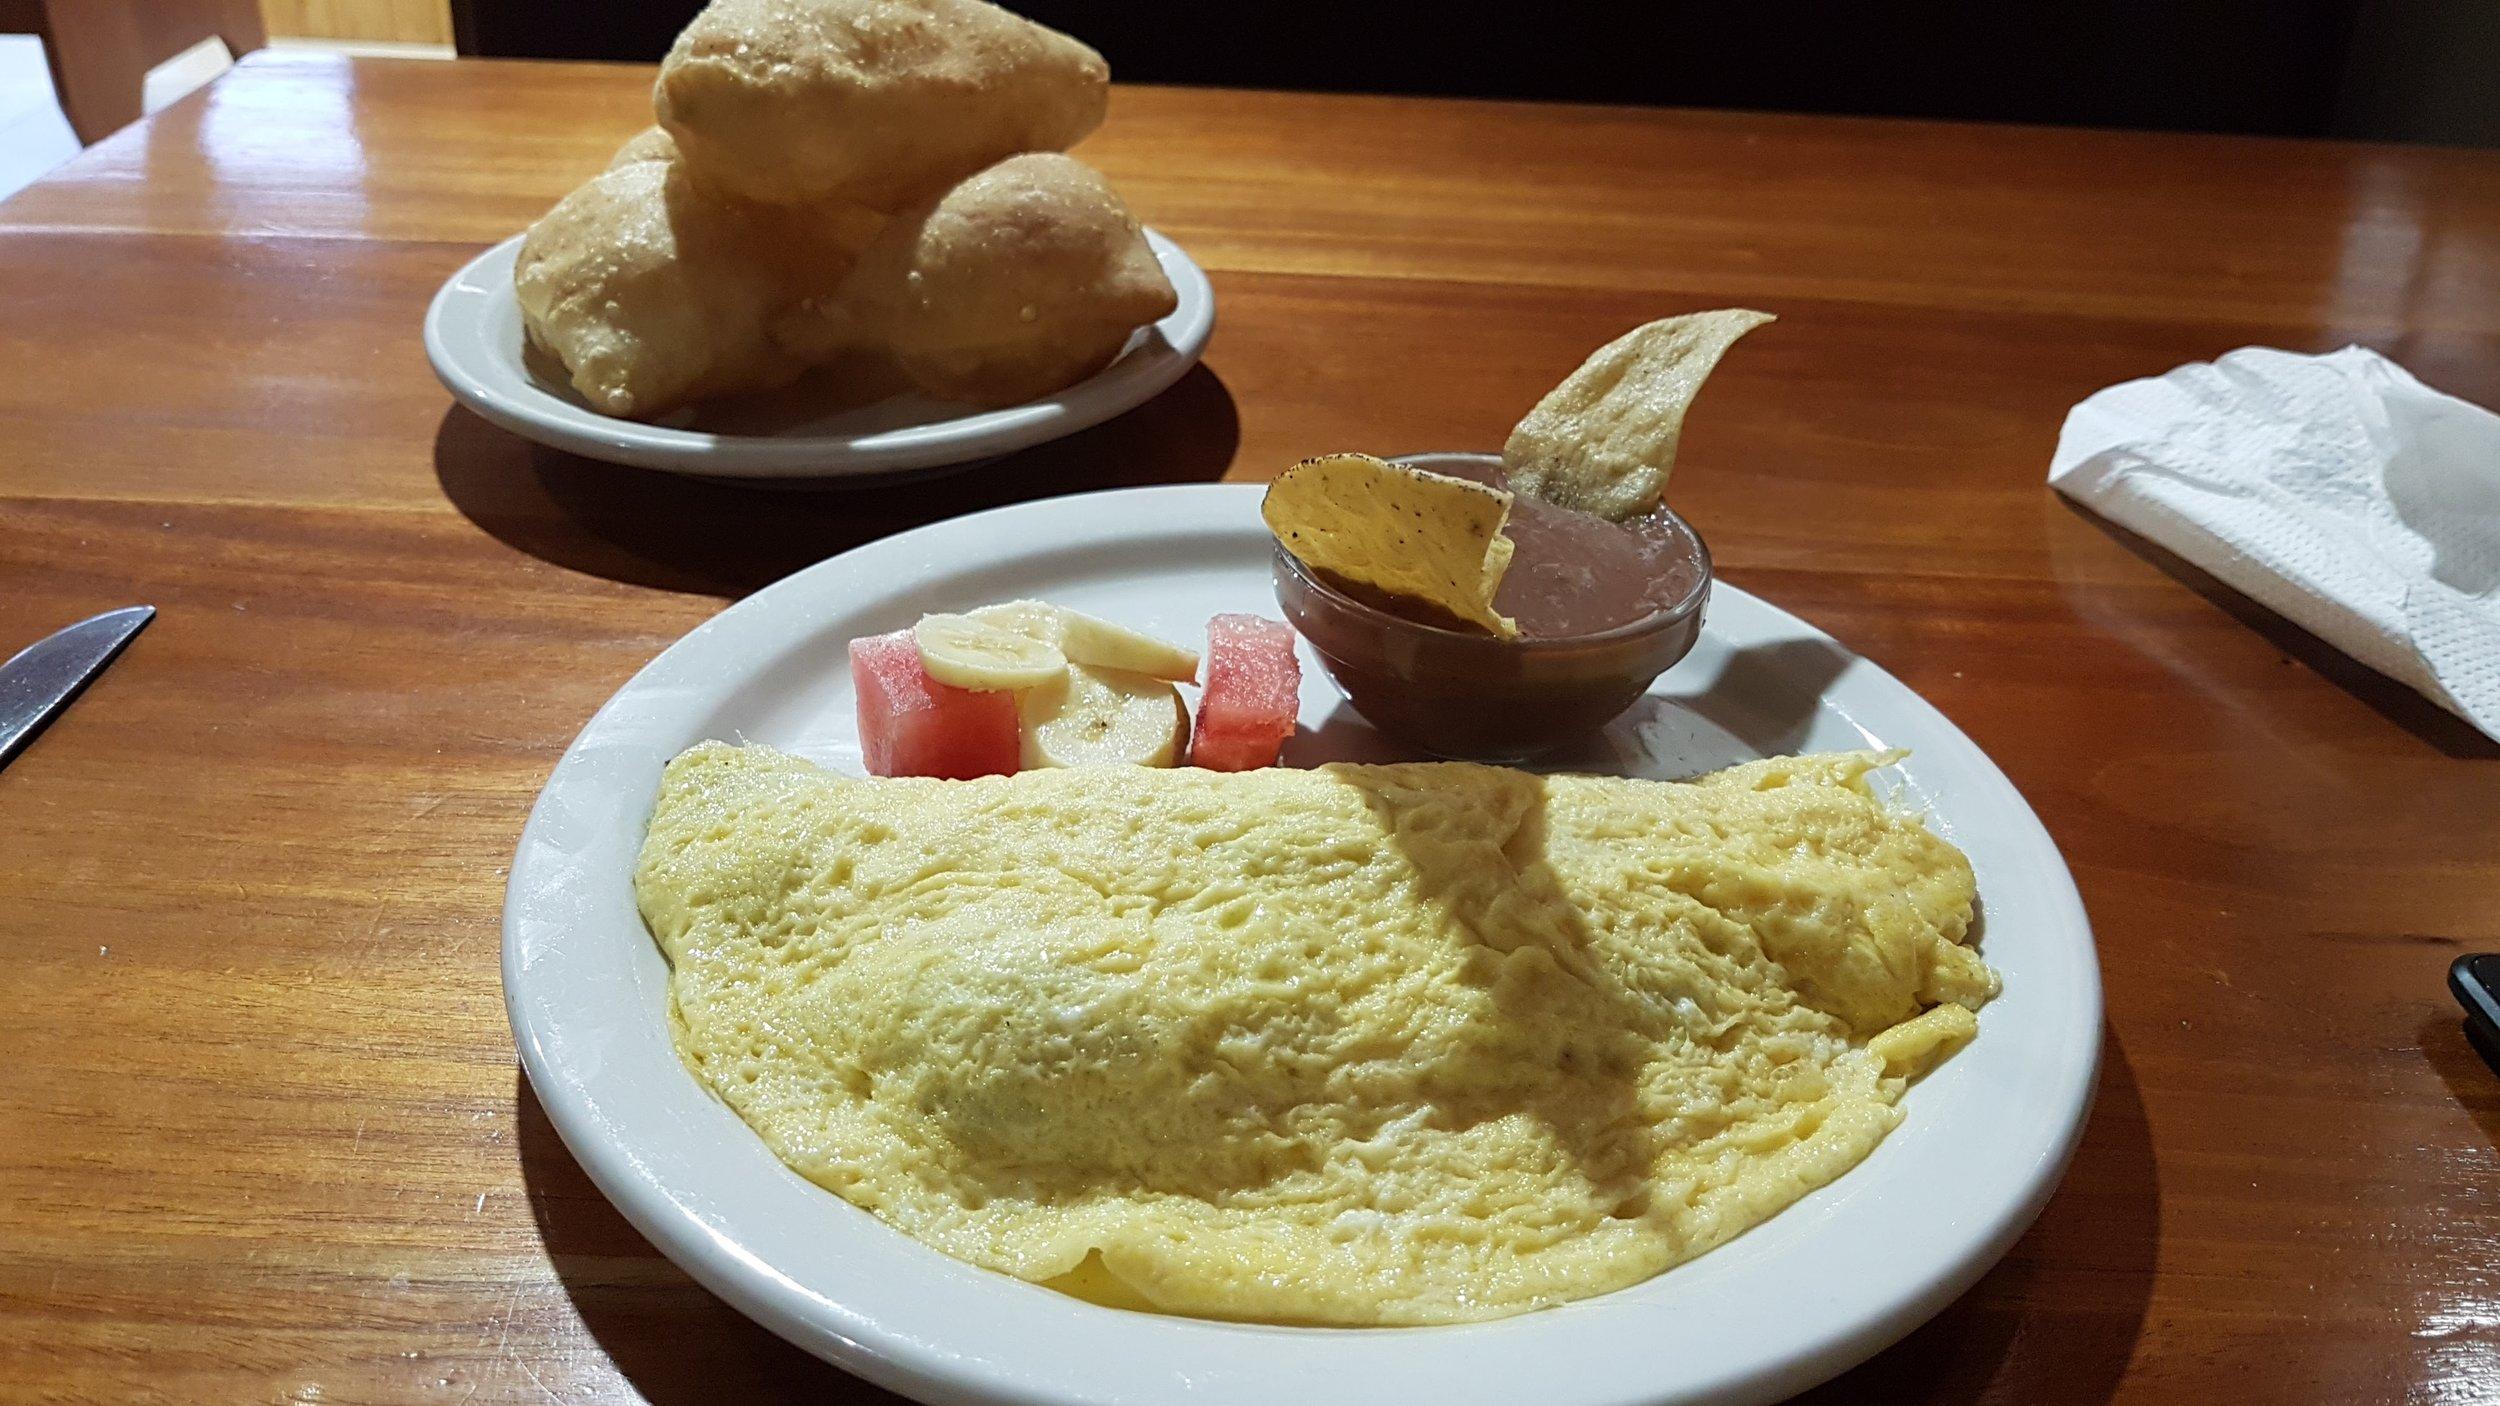 Breakfast in Belize with fry jacks